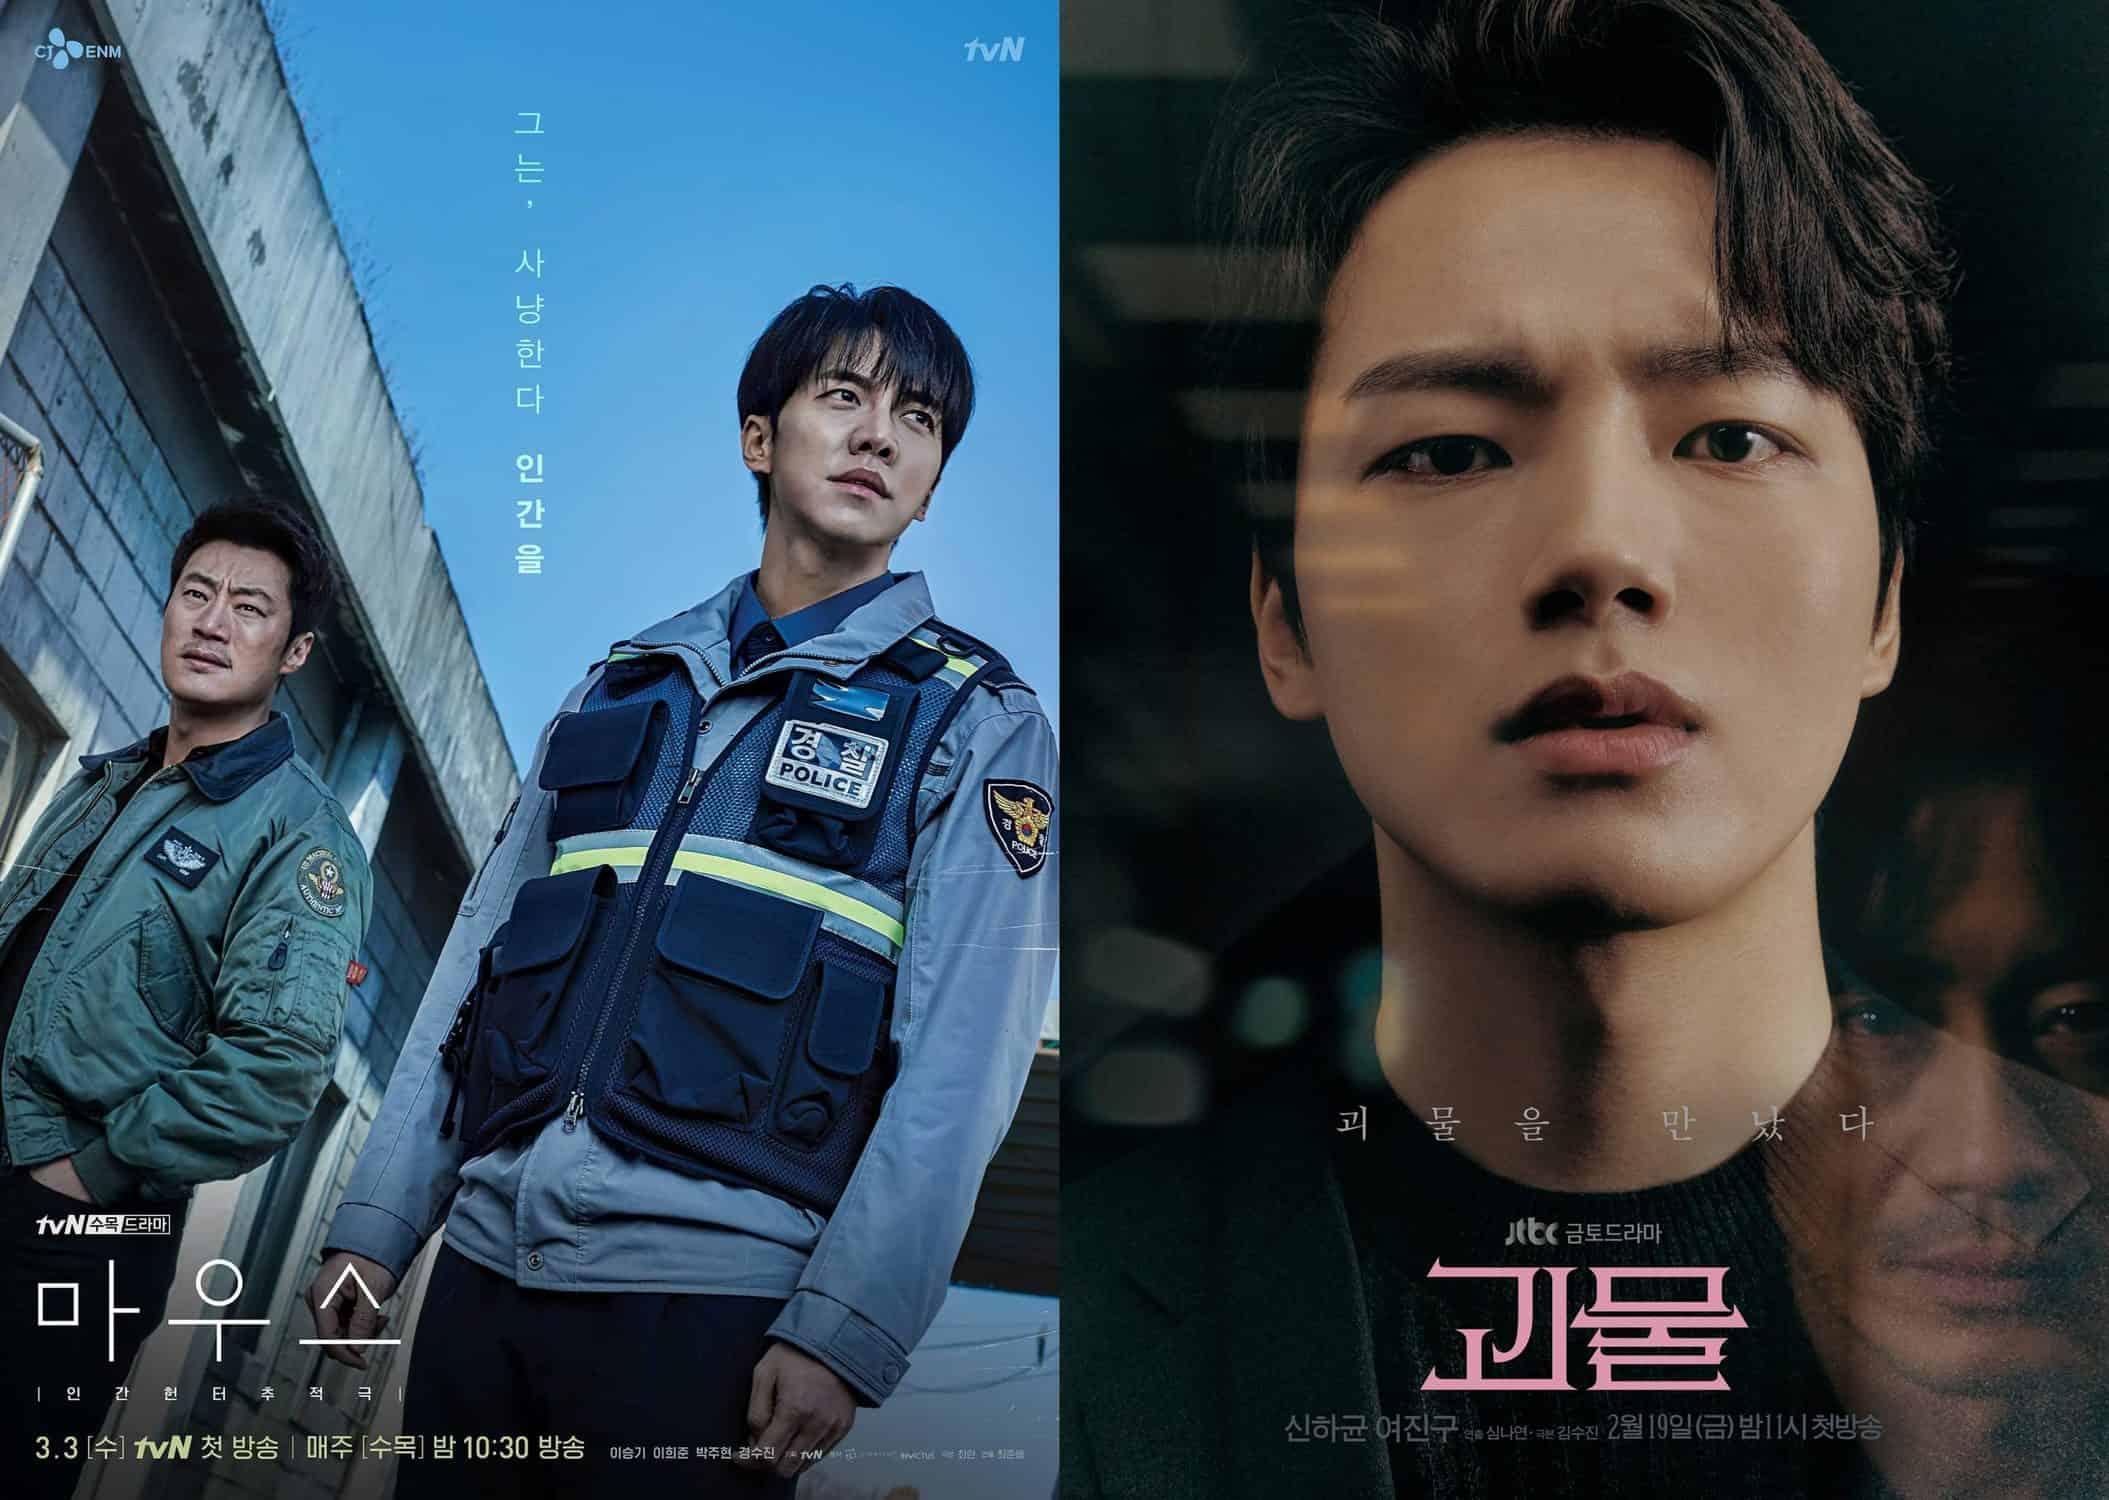 [드라마 분석] '바른 경찰' 이승기 vs '고뇌하는 경찰' 여진구